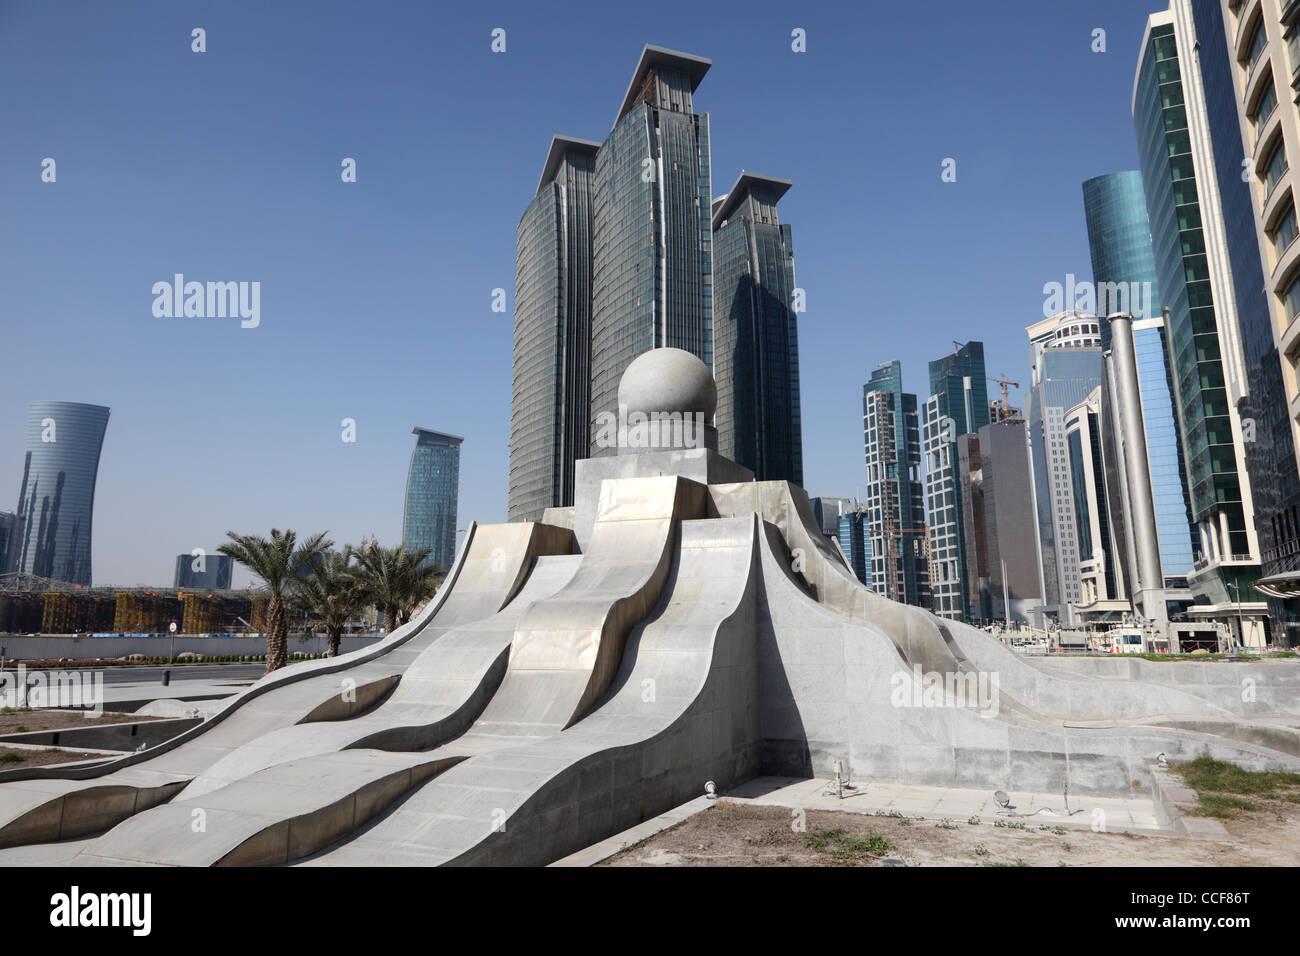 Nuevo centro de distrito de West Bay en Doha, Qatar Imagen De Stock